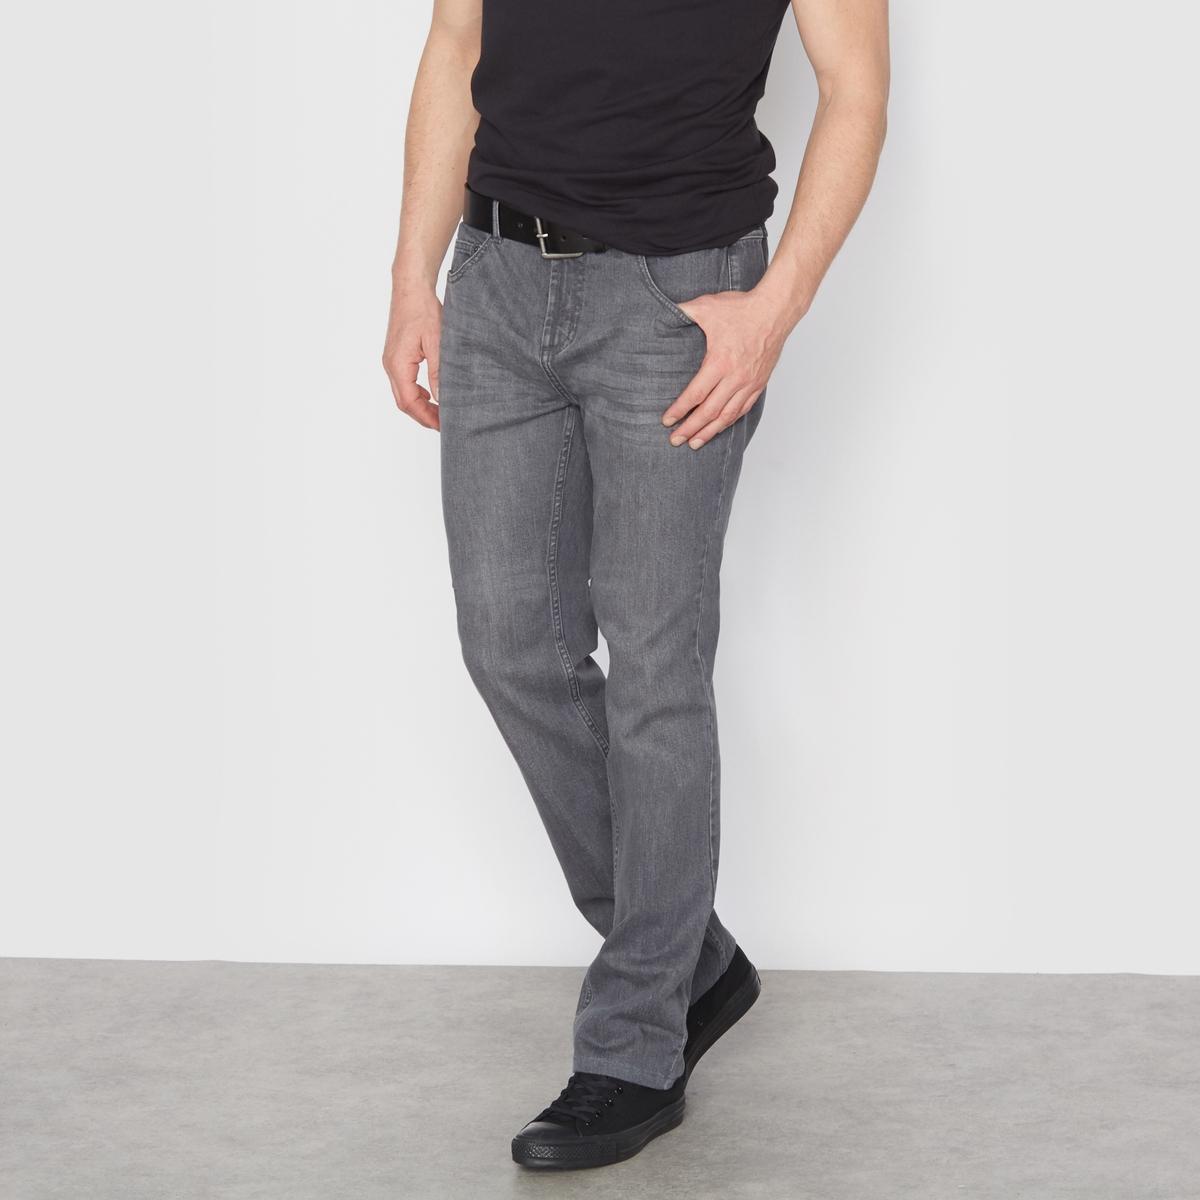 Джинсы из денима стретч серого цвета, эластичный пояс по бокам